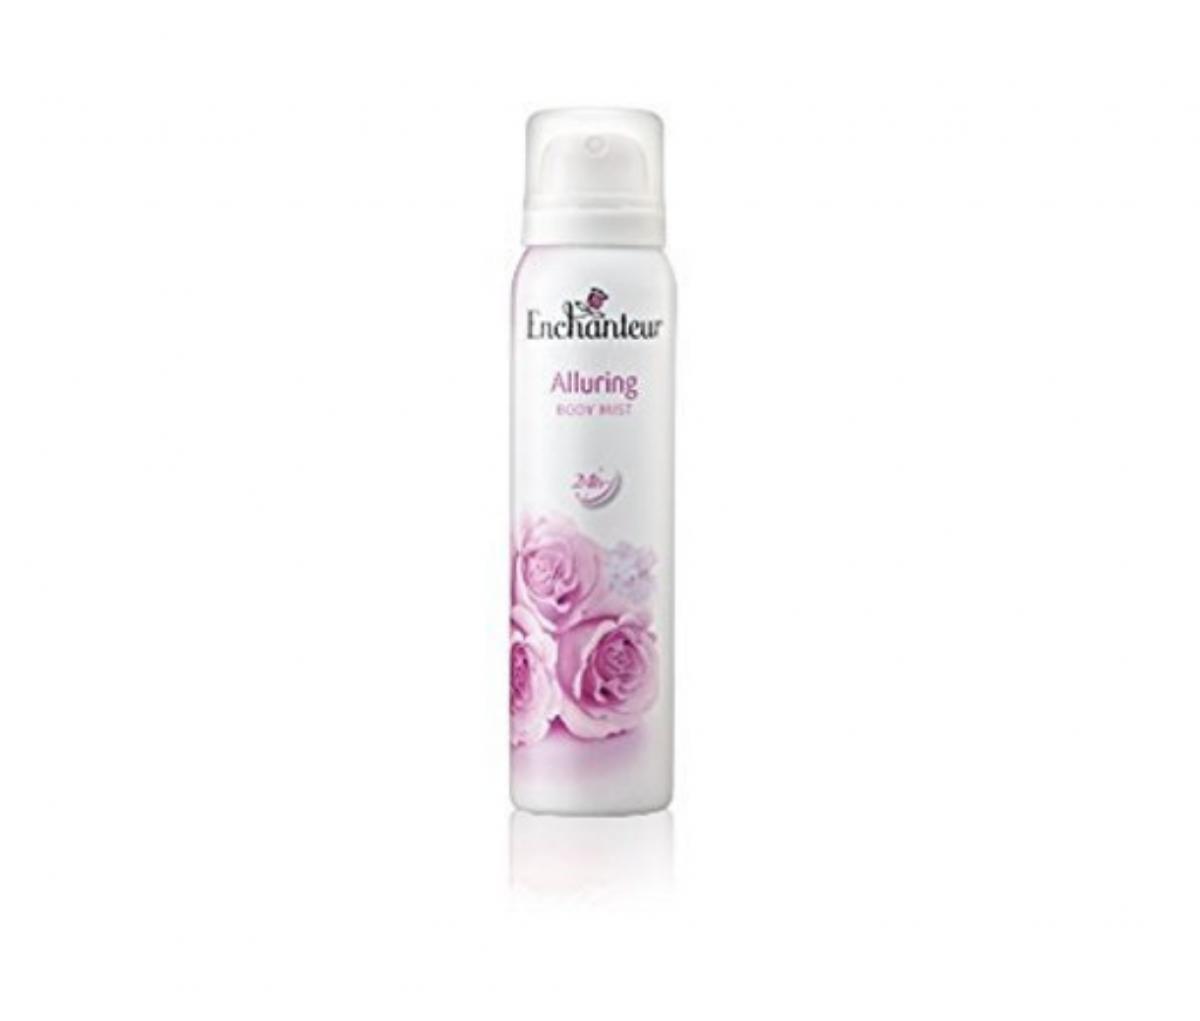 Enchanteur Deo Spray 150ml Alluring